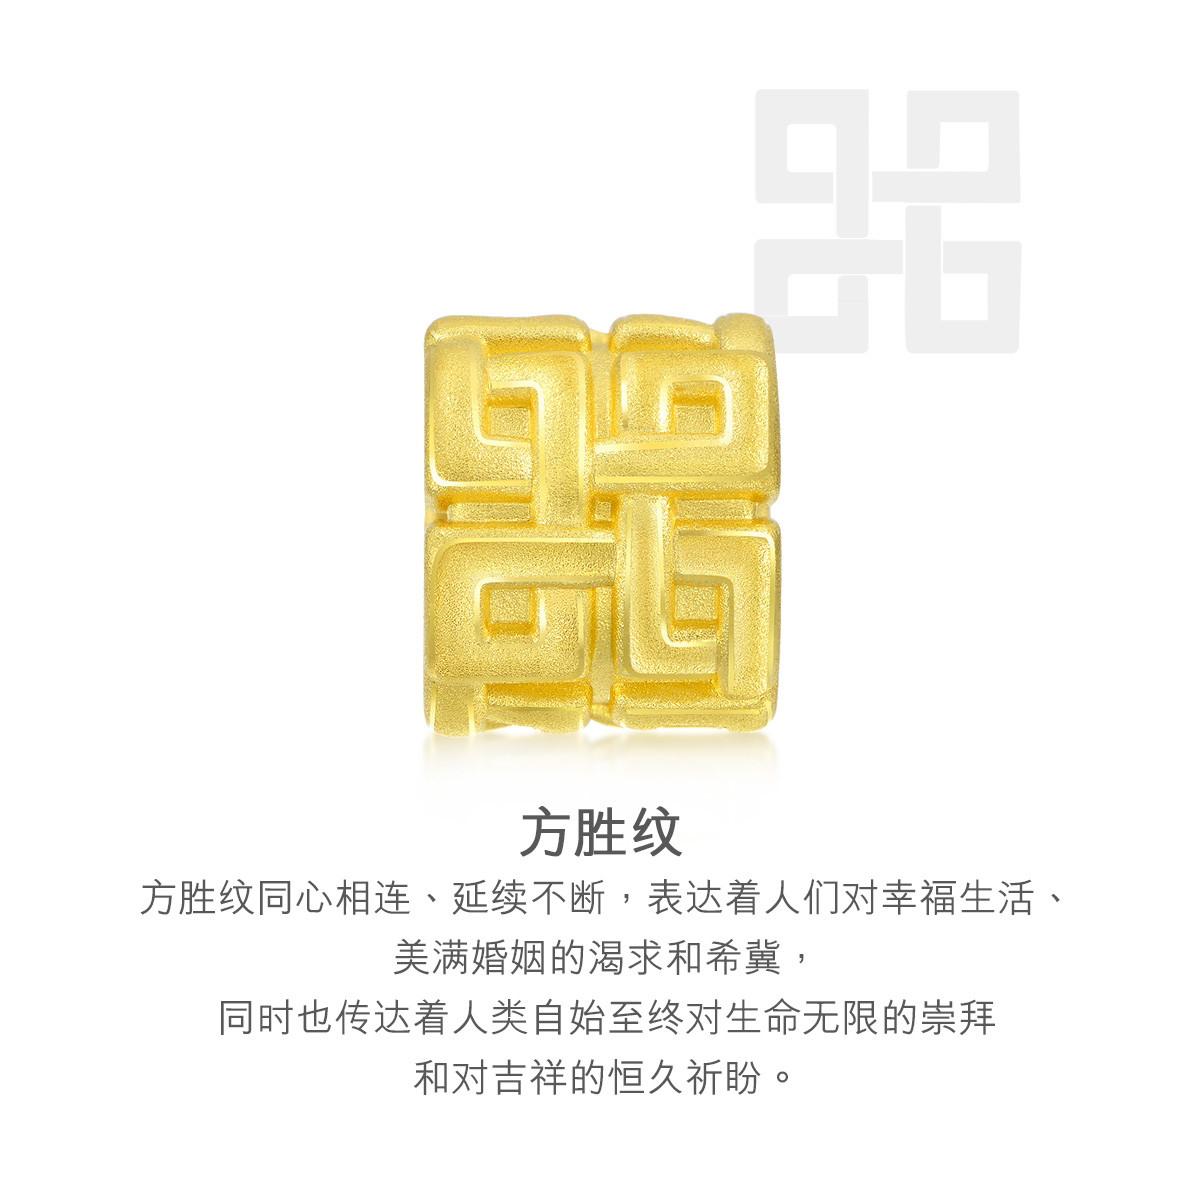 周生生周生生黄金Charme方胜纹转运珠(配绳需另购)B90345c如图